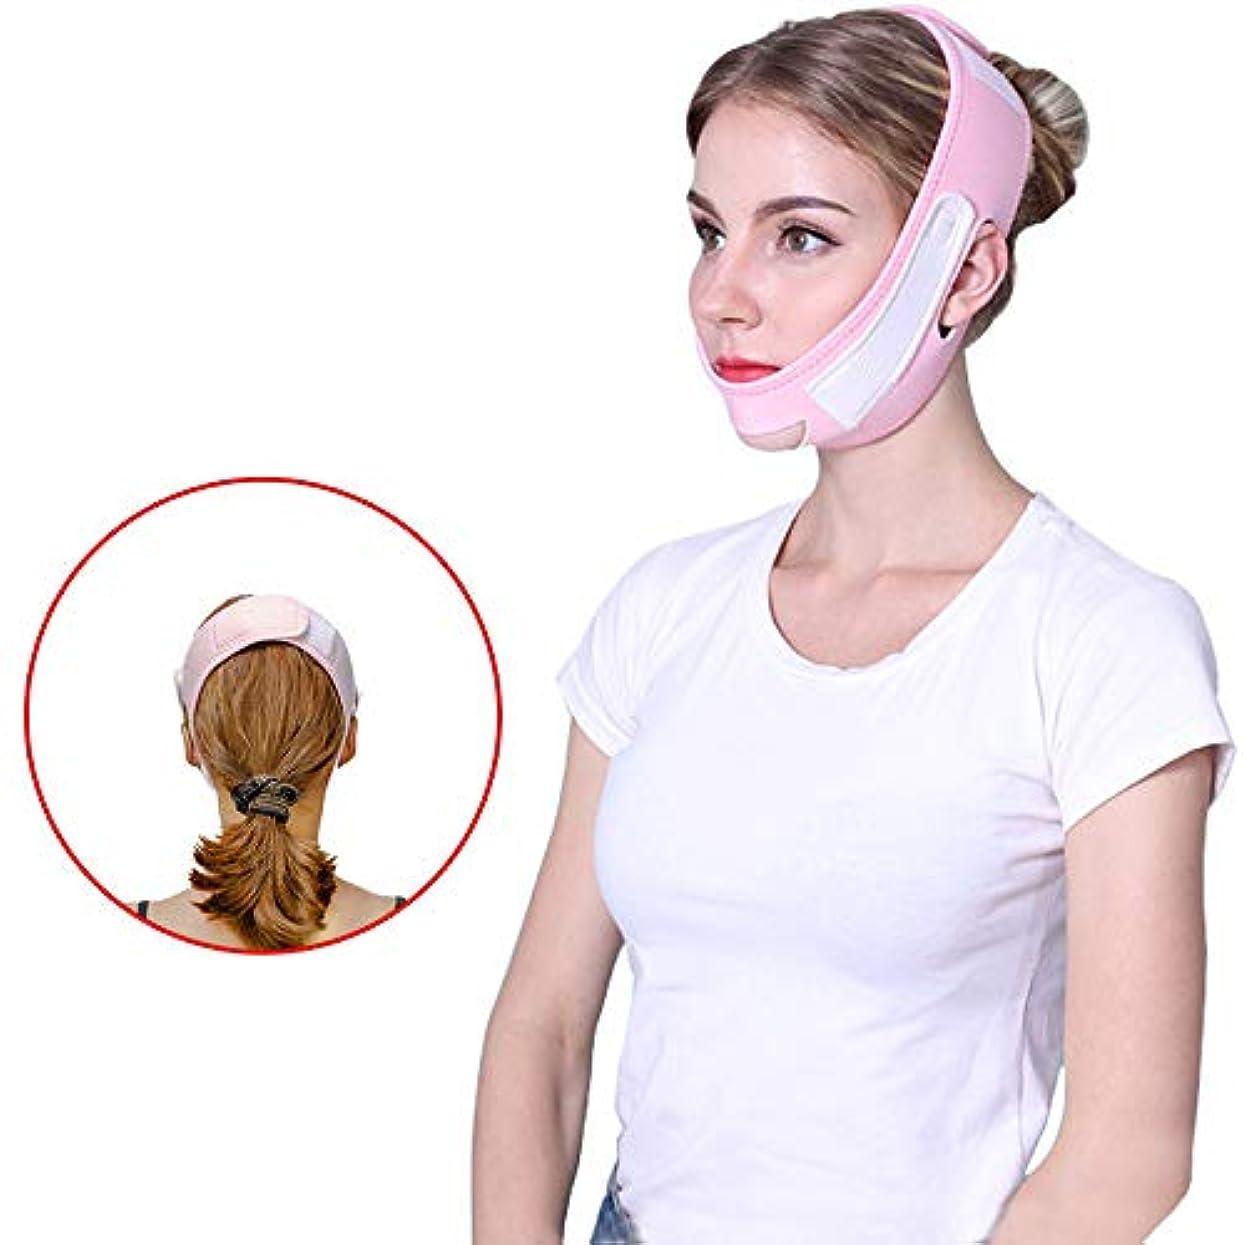 活力改善する出演者マスクチークチン首を持ち上げスリムVラインの顔 - スリムバンド、アンチリンクルリフトVフェイスライン、二重あごを持ち上げる通気性の顔は、パッチマスクを締め付け削減します